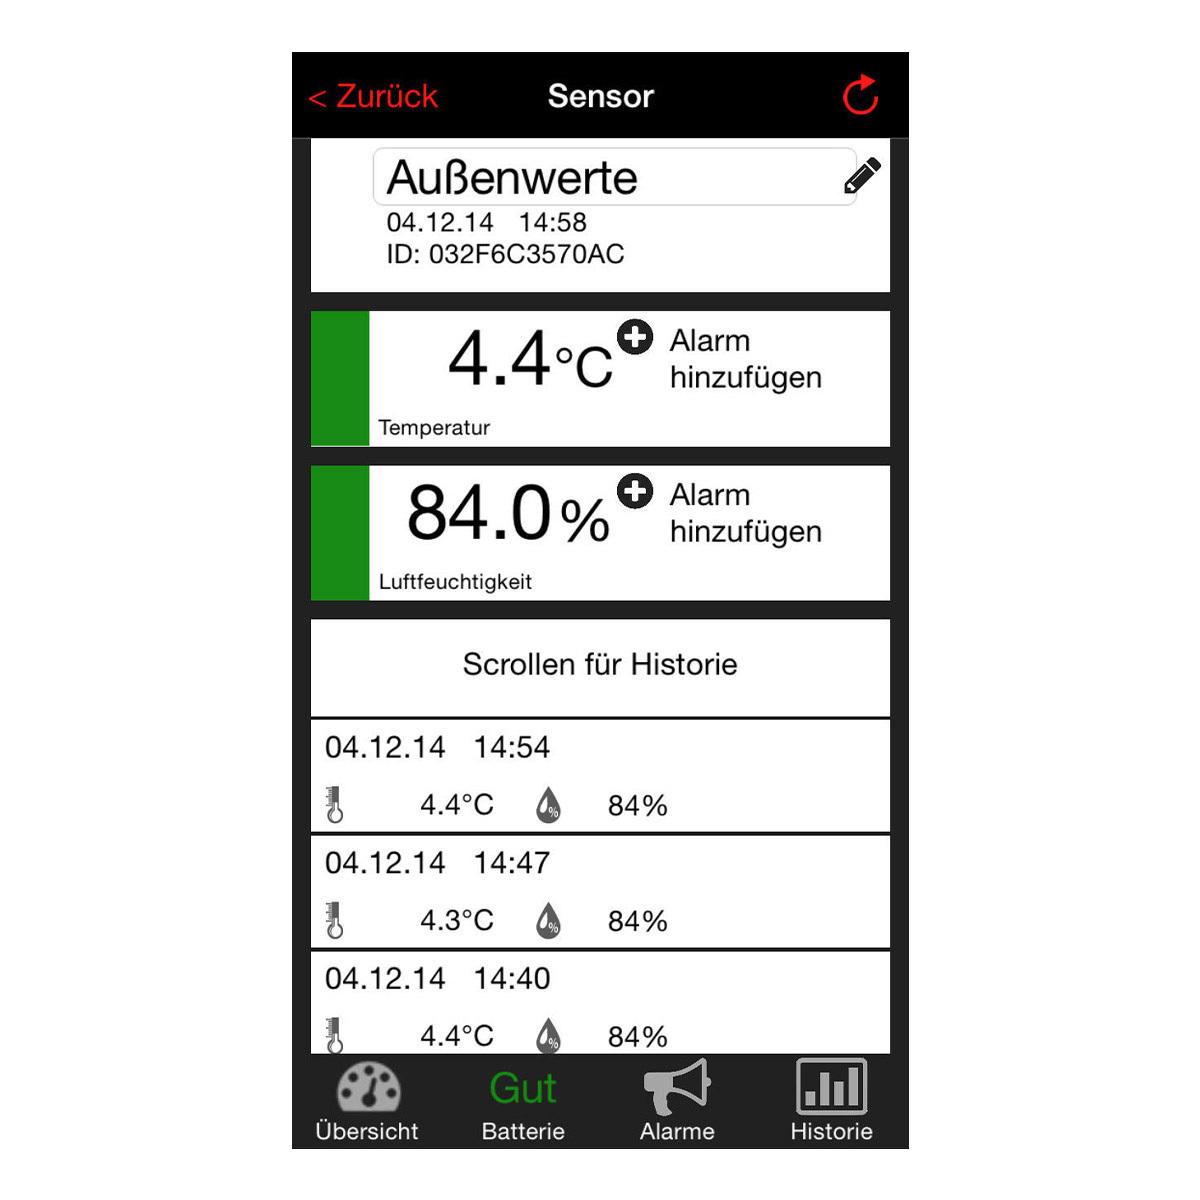 31-4002-02-starter-set-mit-temperatursender-mit-wasserfestem-kabelfühler-weatherhub-app-anwendung-1200x1200px.jpg